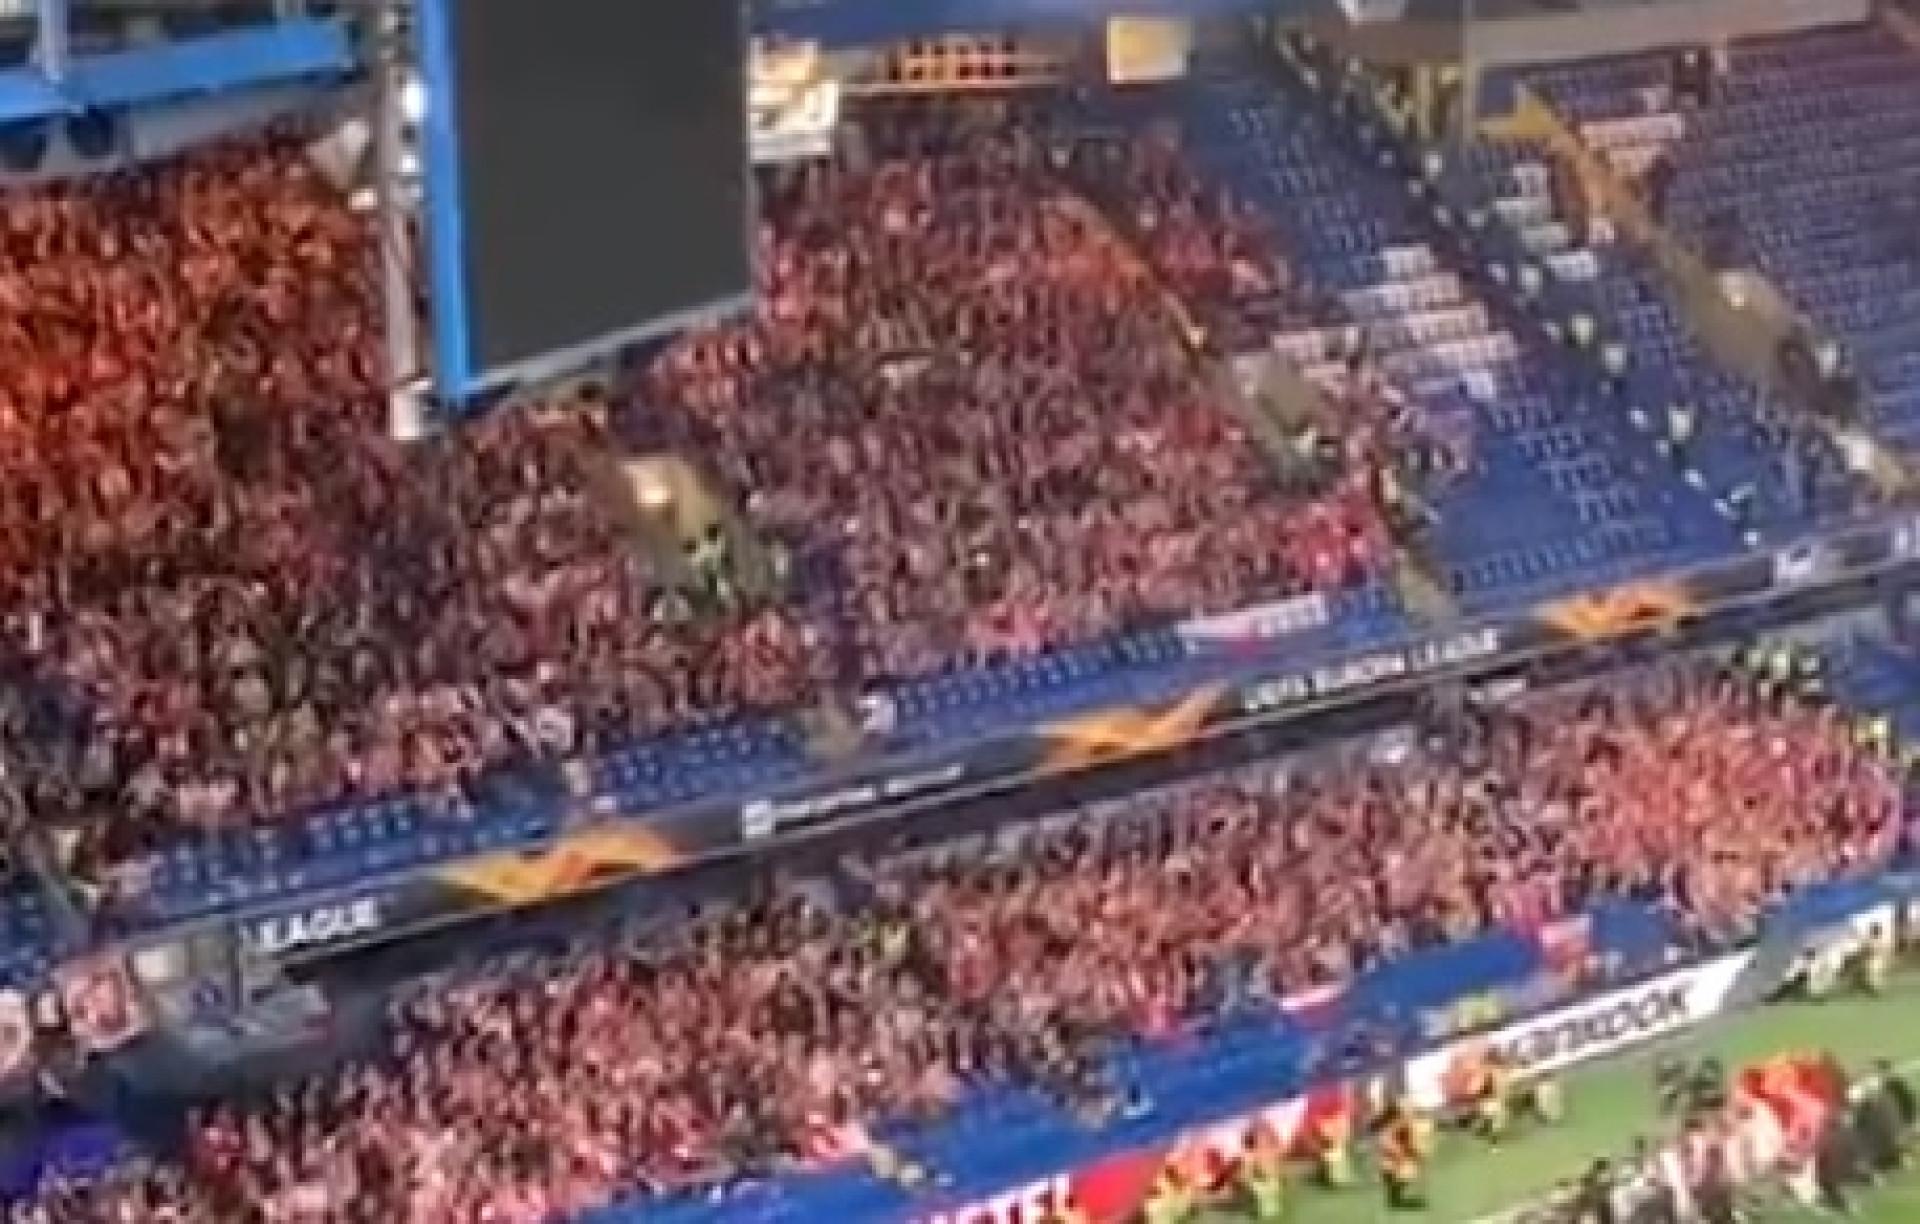 Nem a eliminação os calou. Adeptos do Slavia de Praga deram exemplo